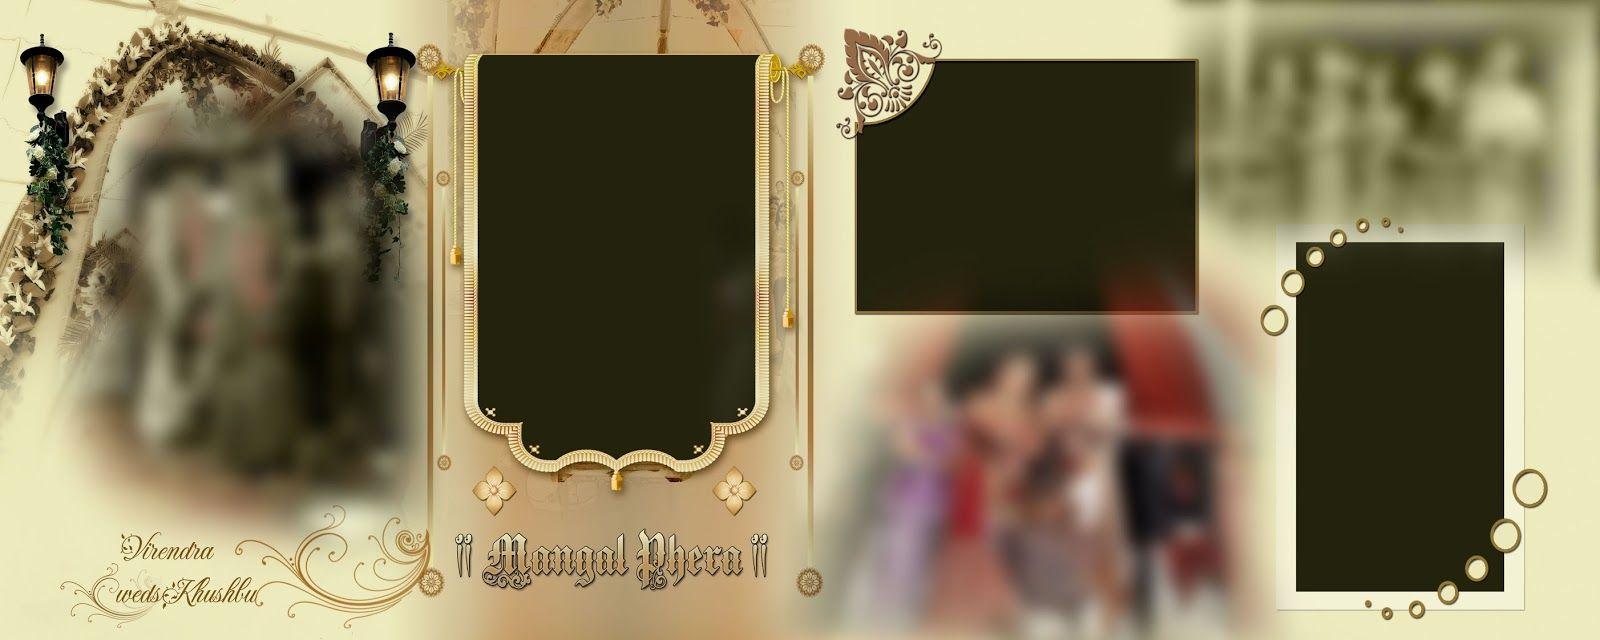 Free Download Wedding Album Psd Templates 12x36 Collection Wedding Album Templates Wedding Album Wedding Album Design